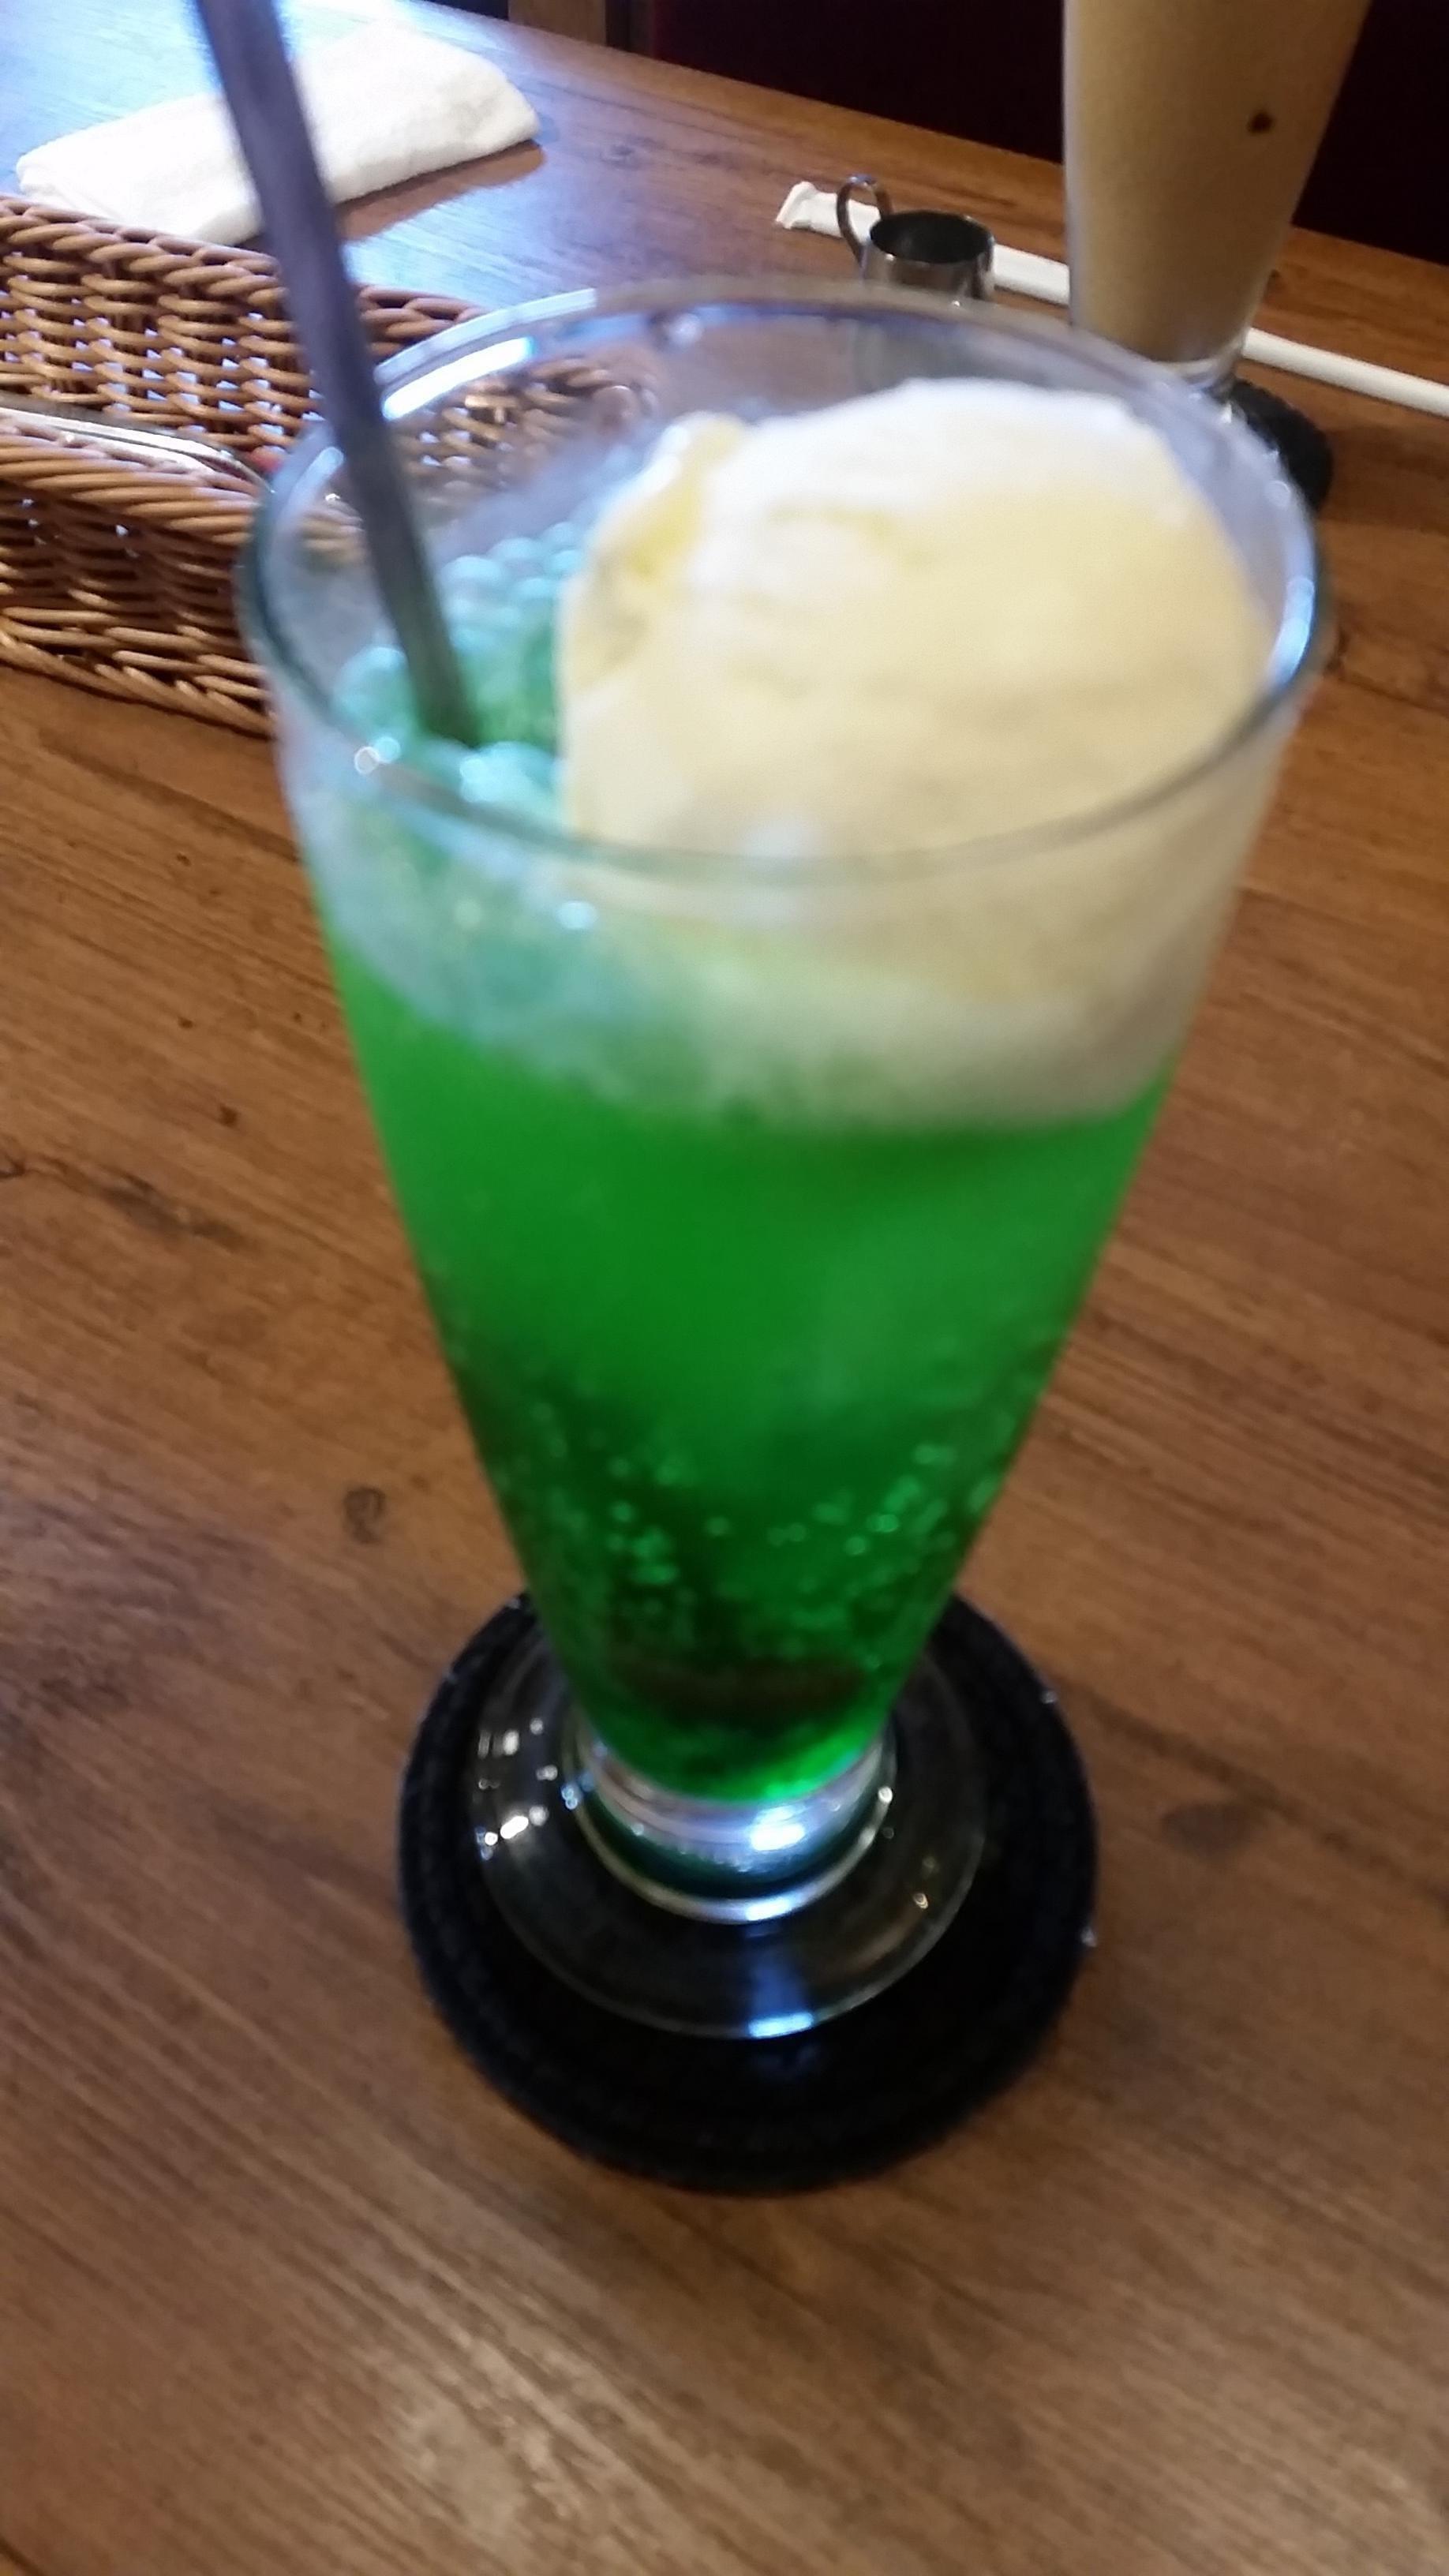 「久々に飲んだよー!」09/27(月) 21:25   秋山 涼子の写メ